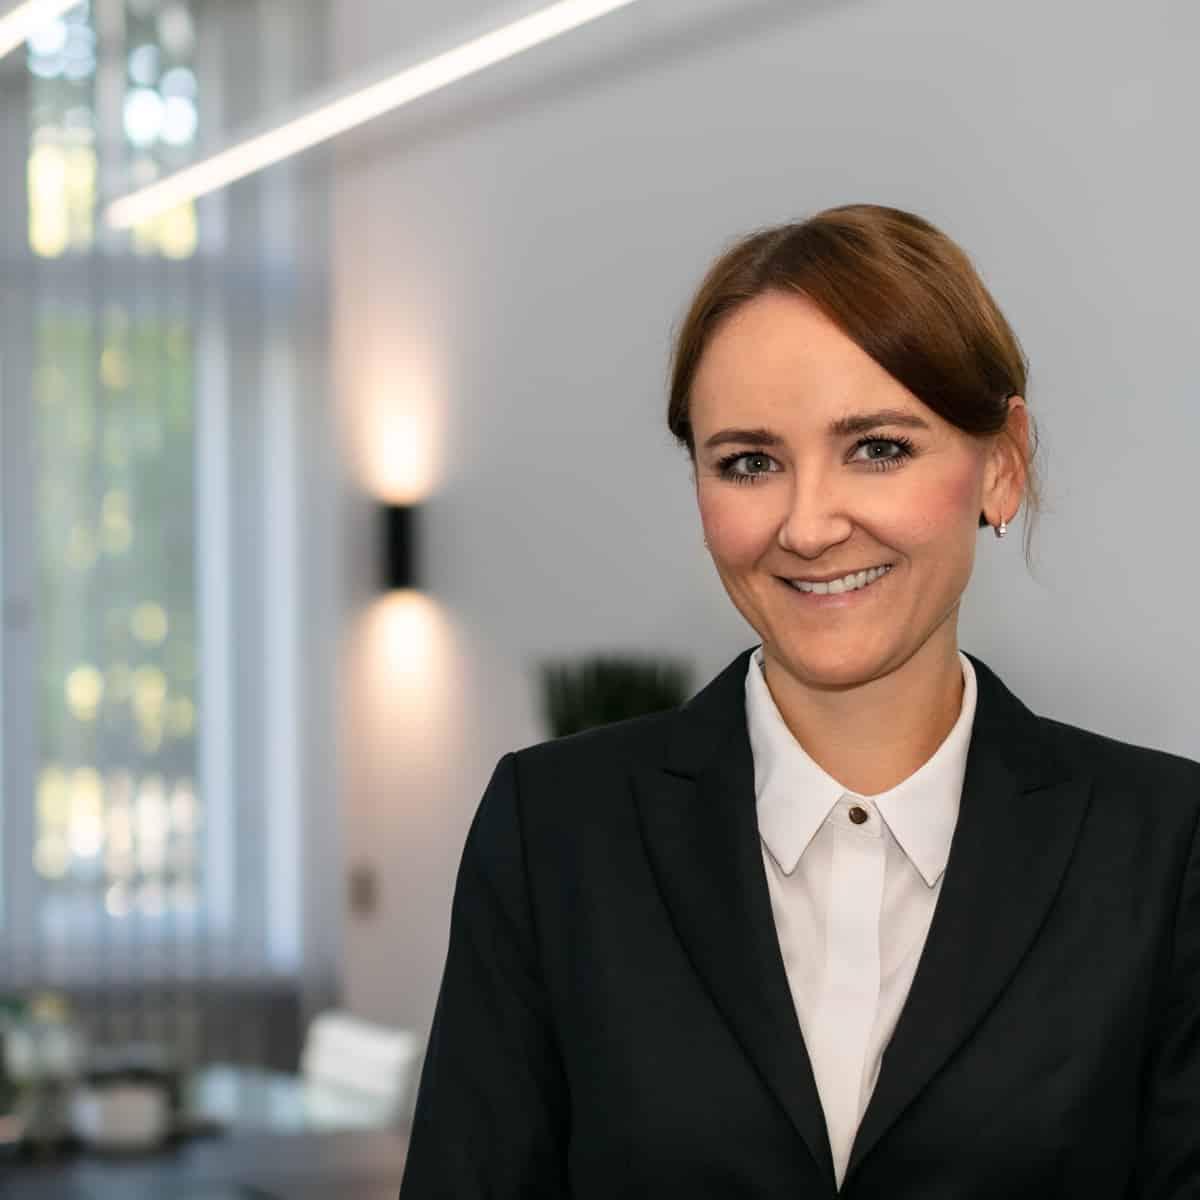 2020-09-30_Mitarbeiter-Portrait_Janina-Franz-021